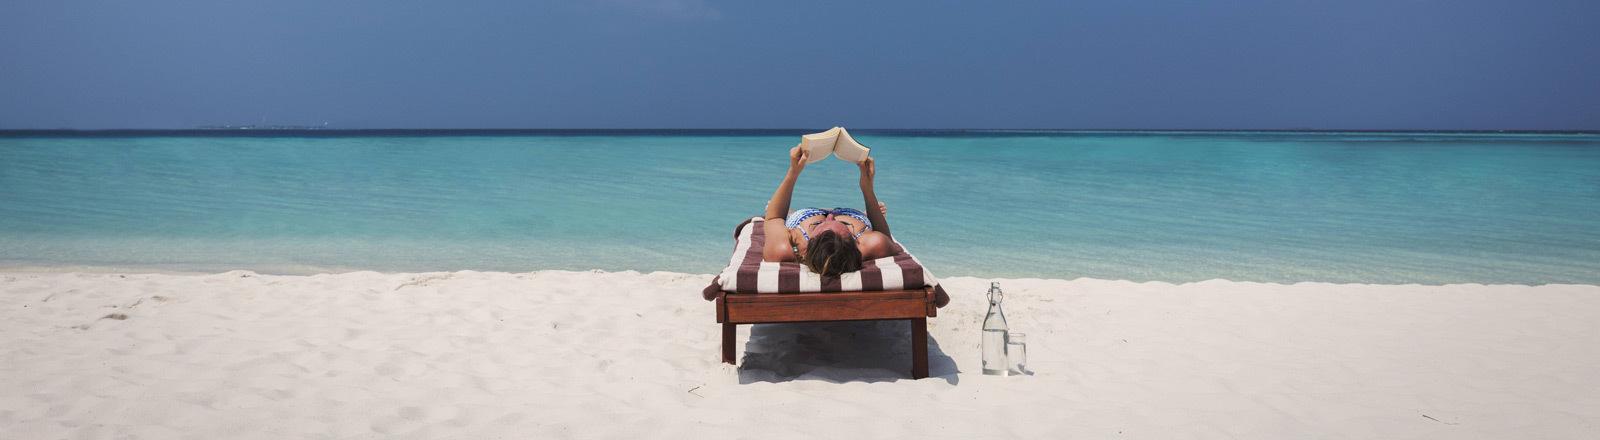 Eine Frau liegt am Strand auf einer Liege und liest ein Buch.